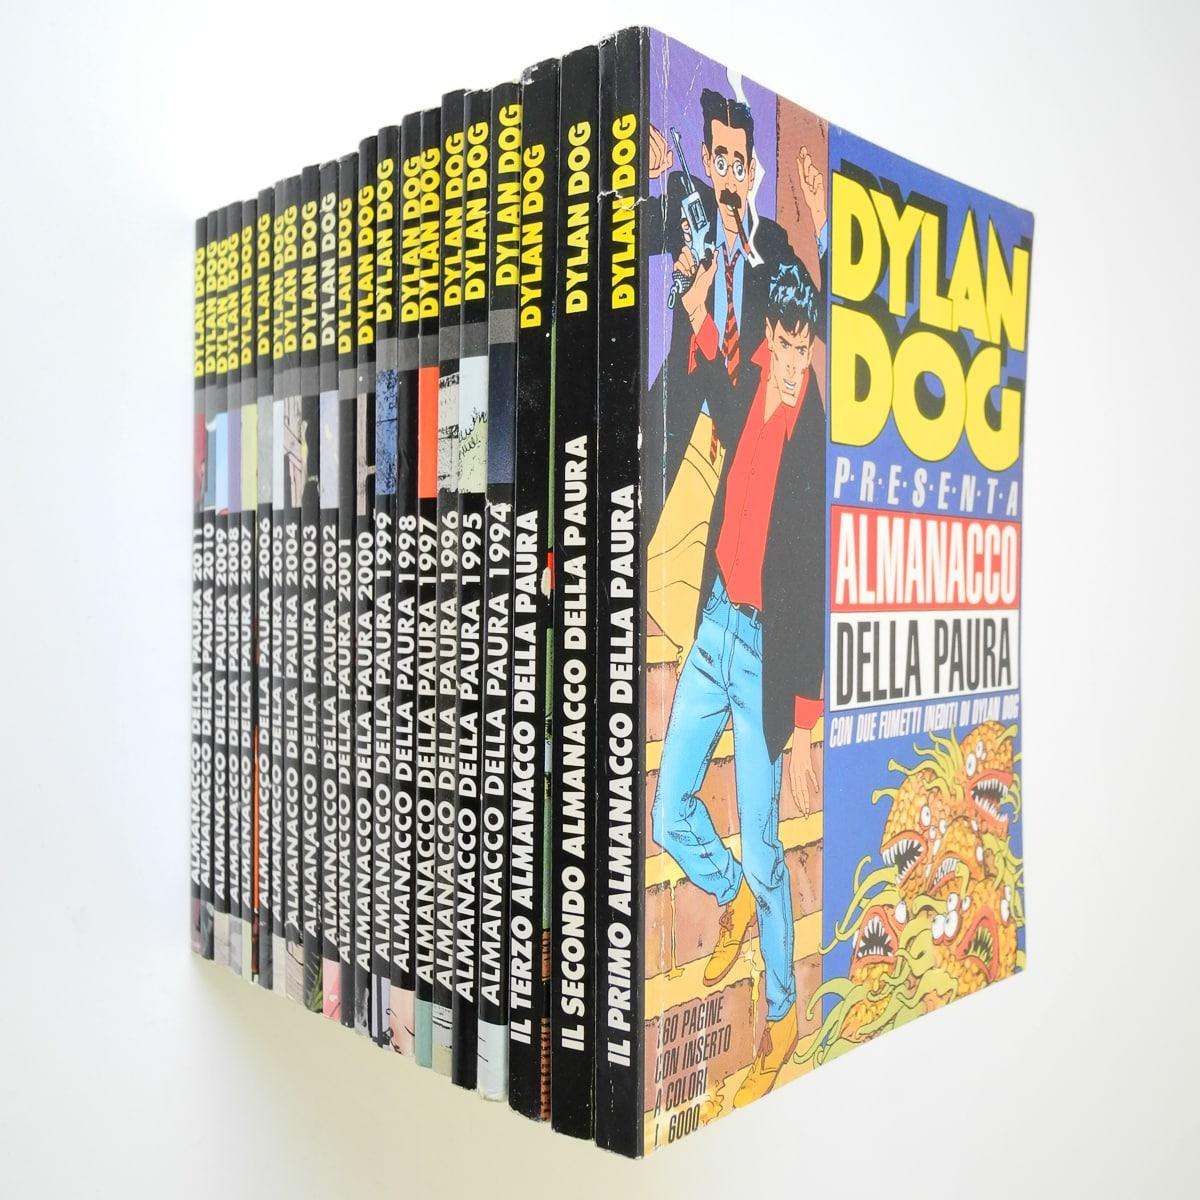 Dylan Dog Almanacco della paura completa dal 1991 al 2011 originali